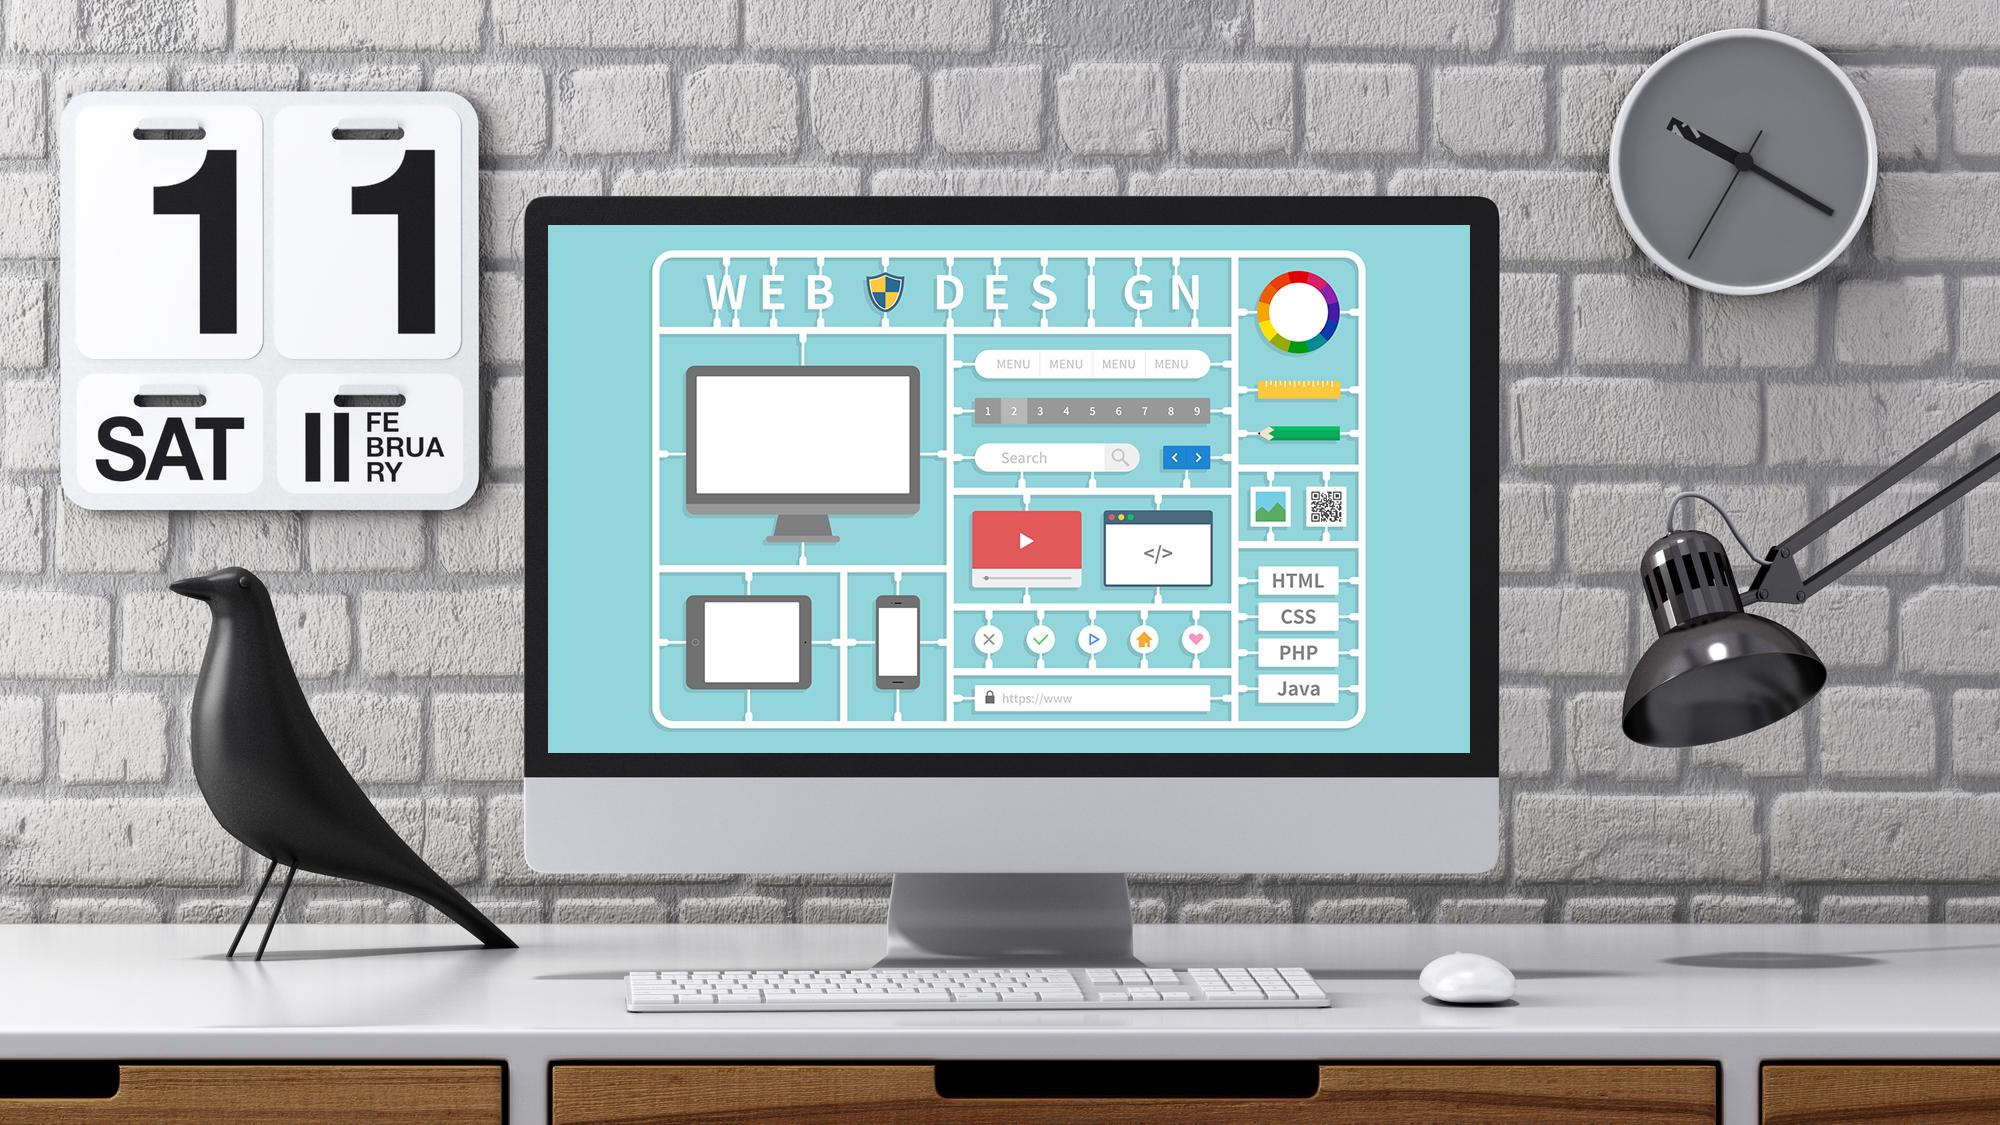 ECサイトでのデザインの重要性